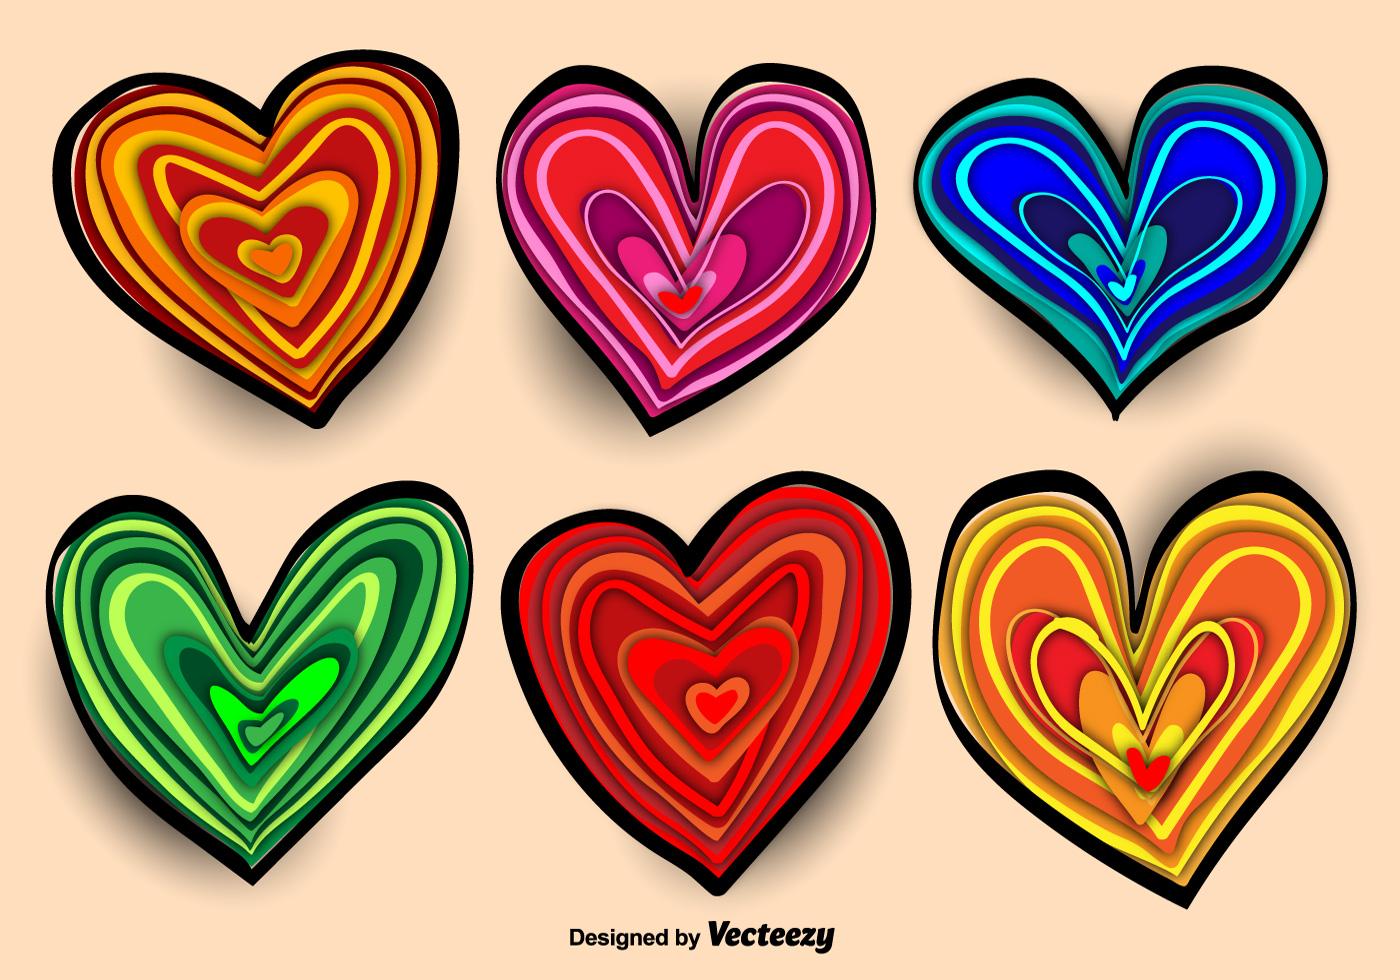 Colorful Hand-drawn Heart Vectors - Download Free Vectors ...